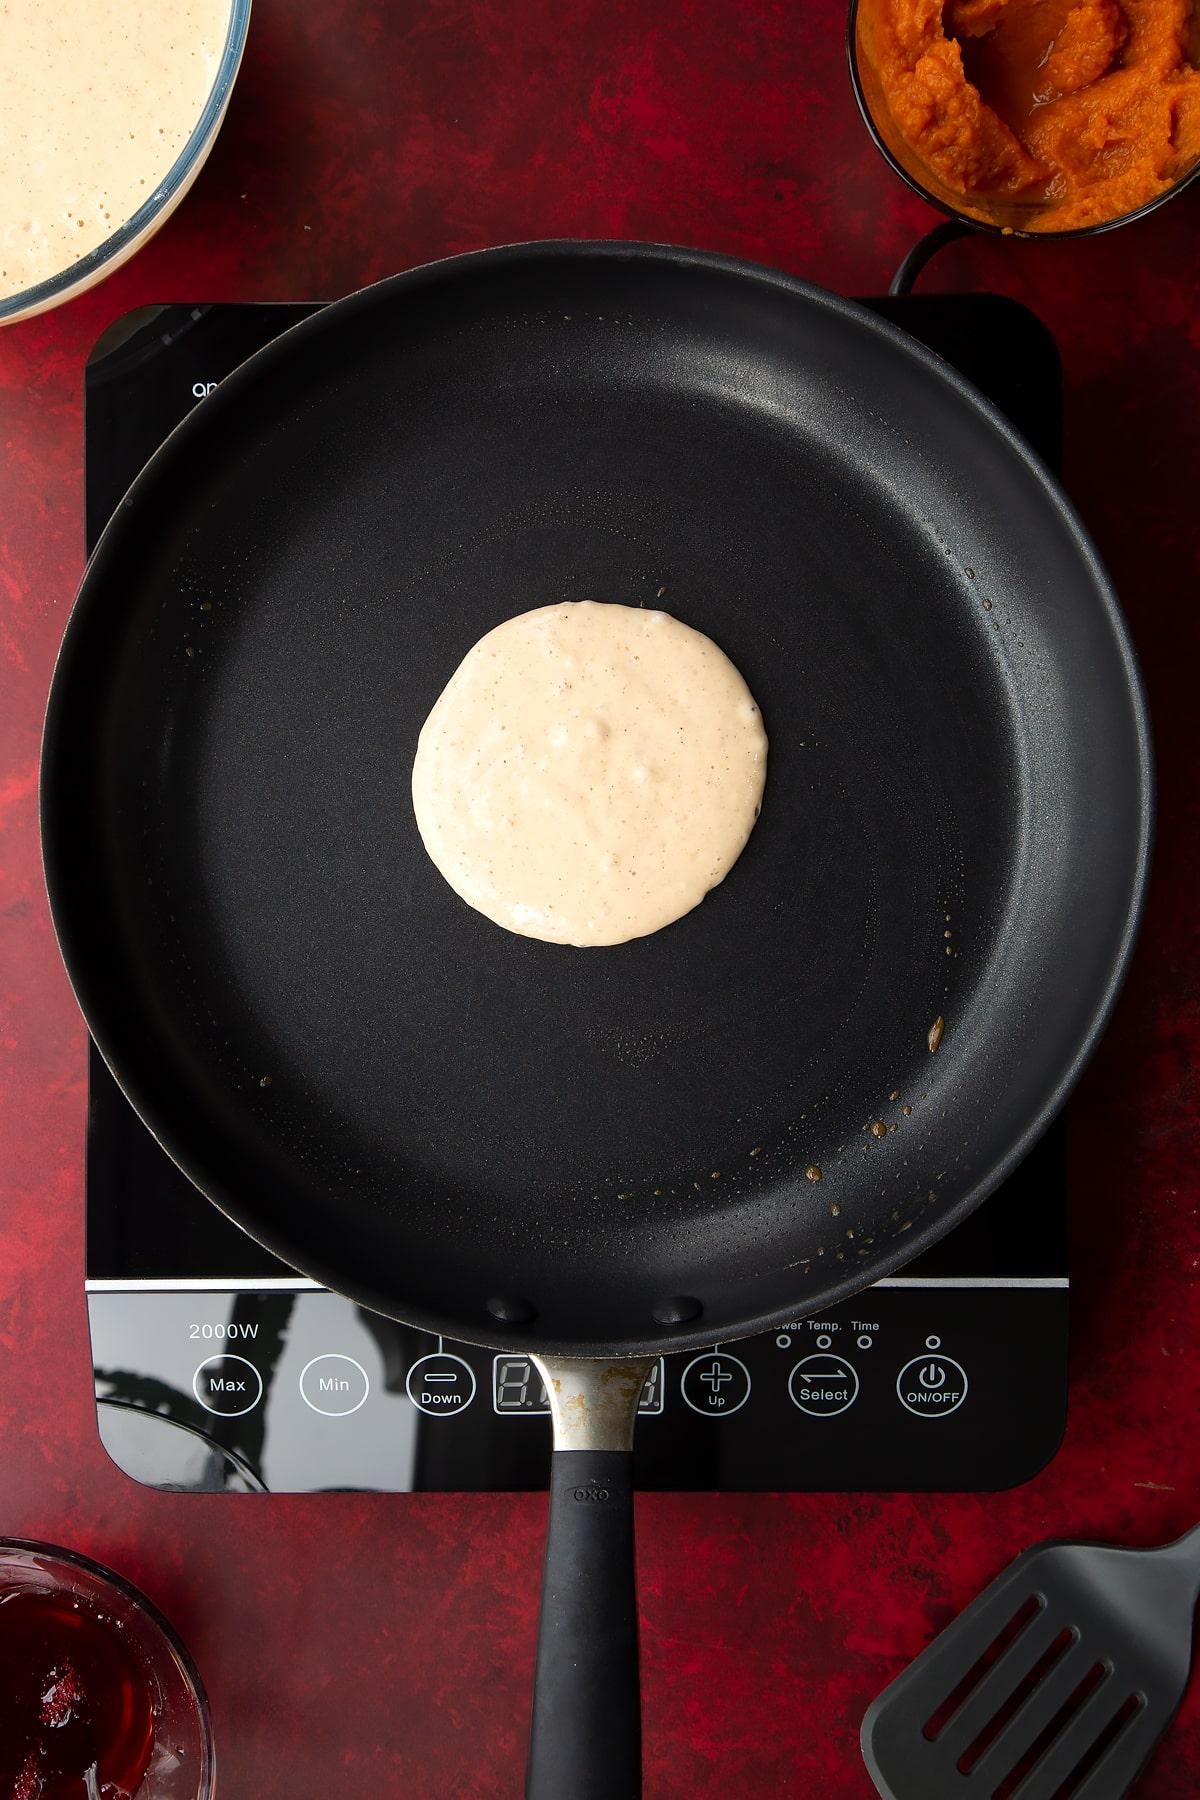 Pumpkin pancake batter in a greased frying pan. Ingredients to make Halloween pancakes surround the pan.